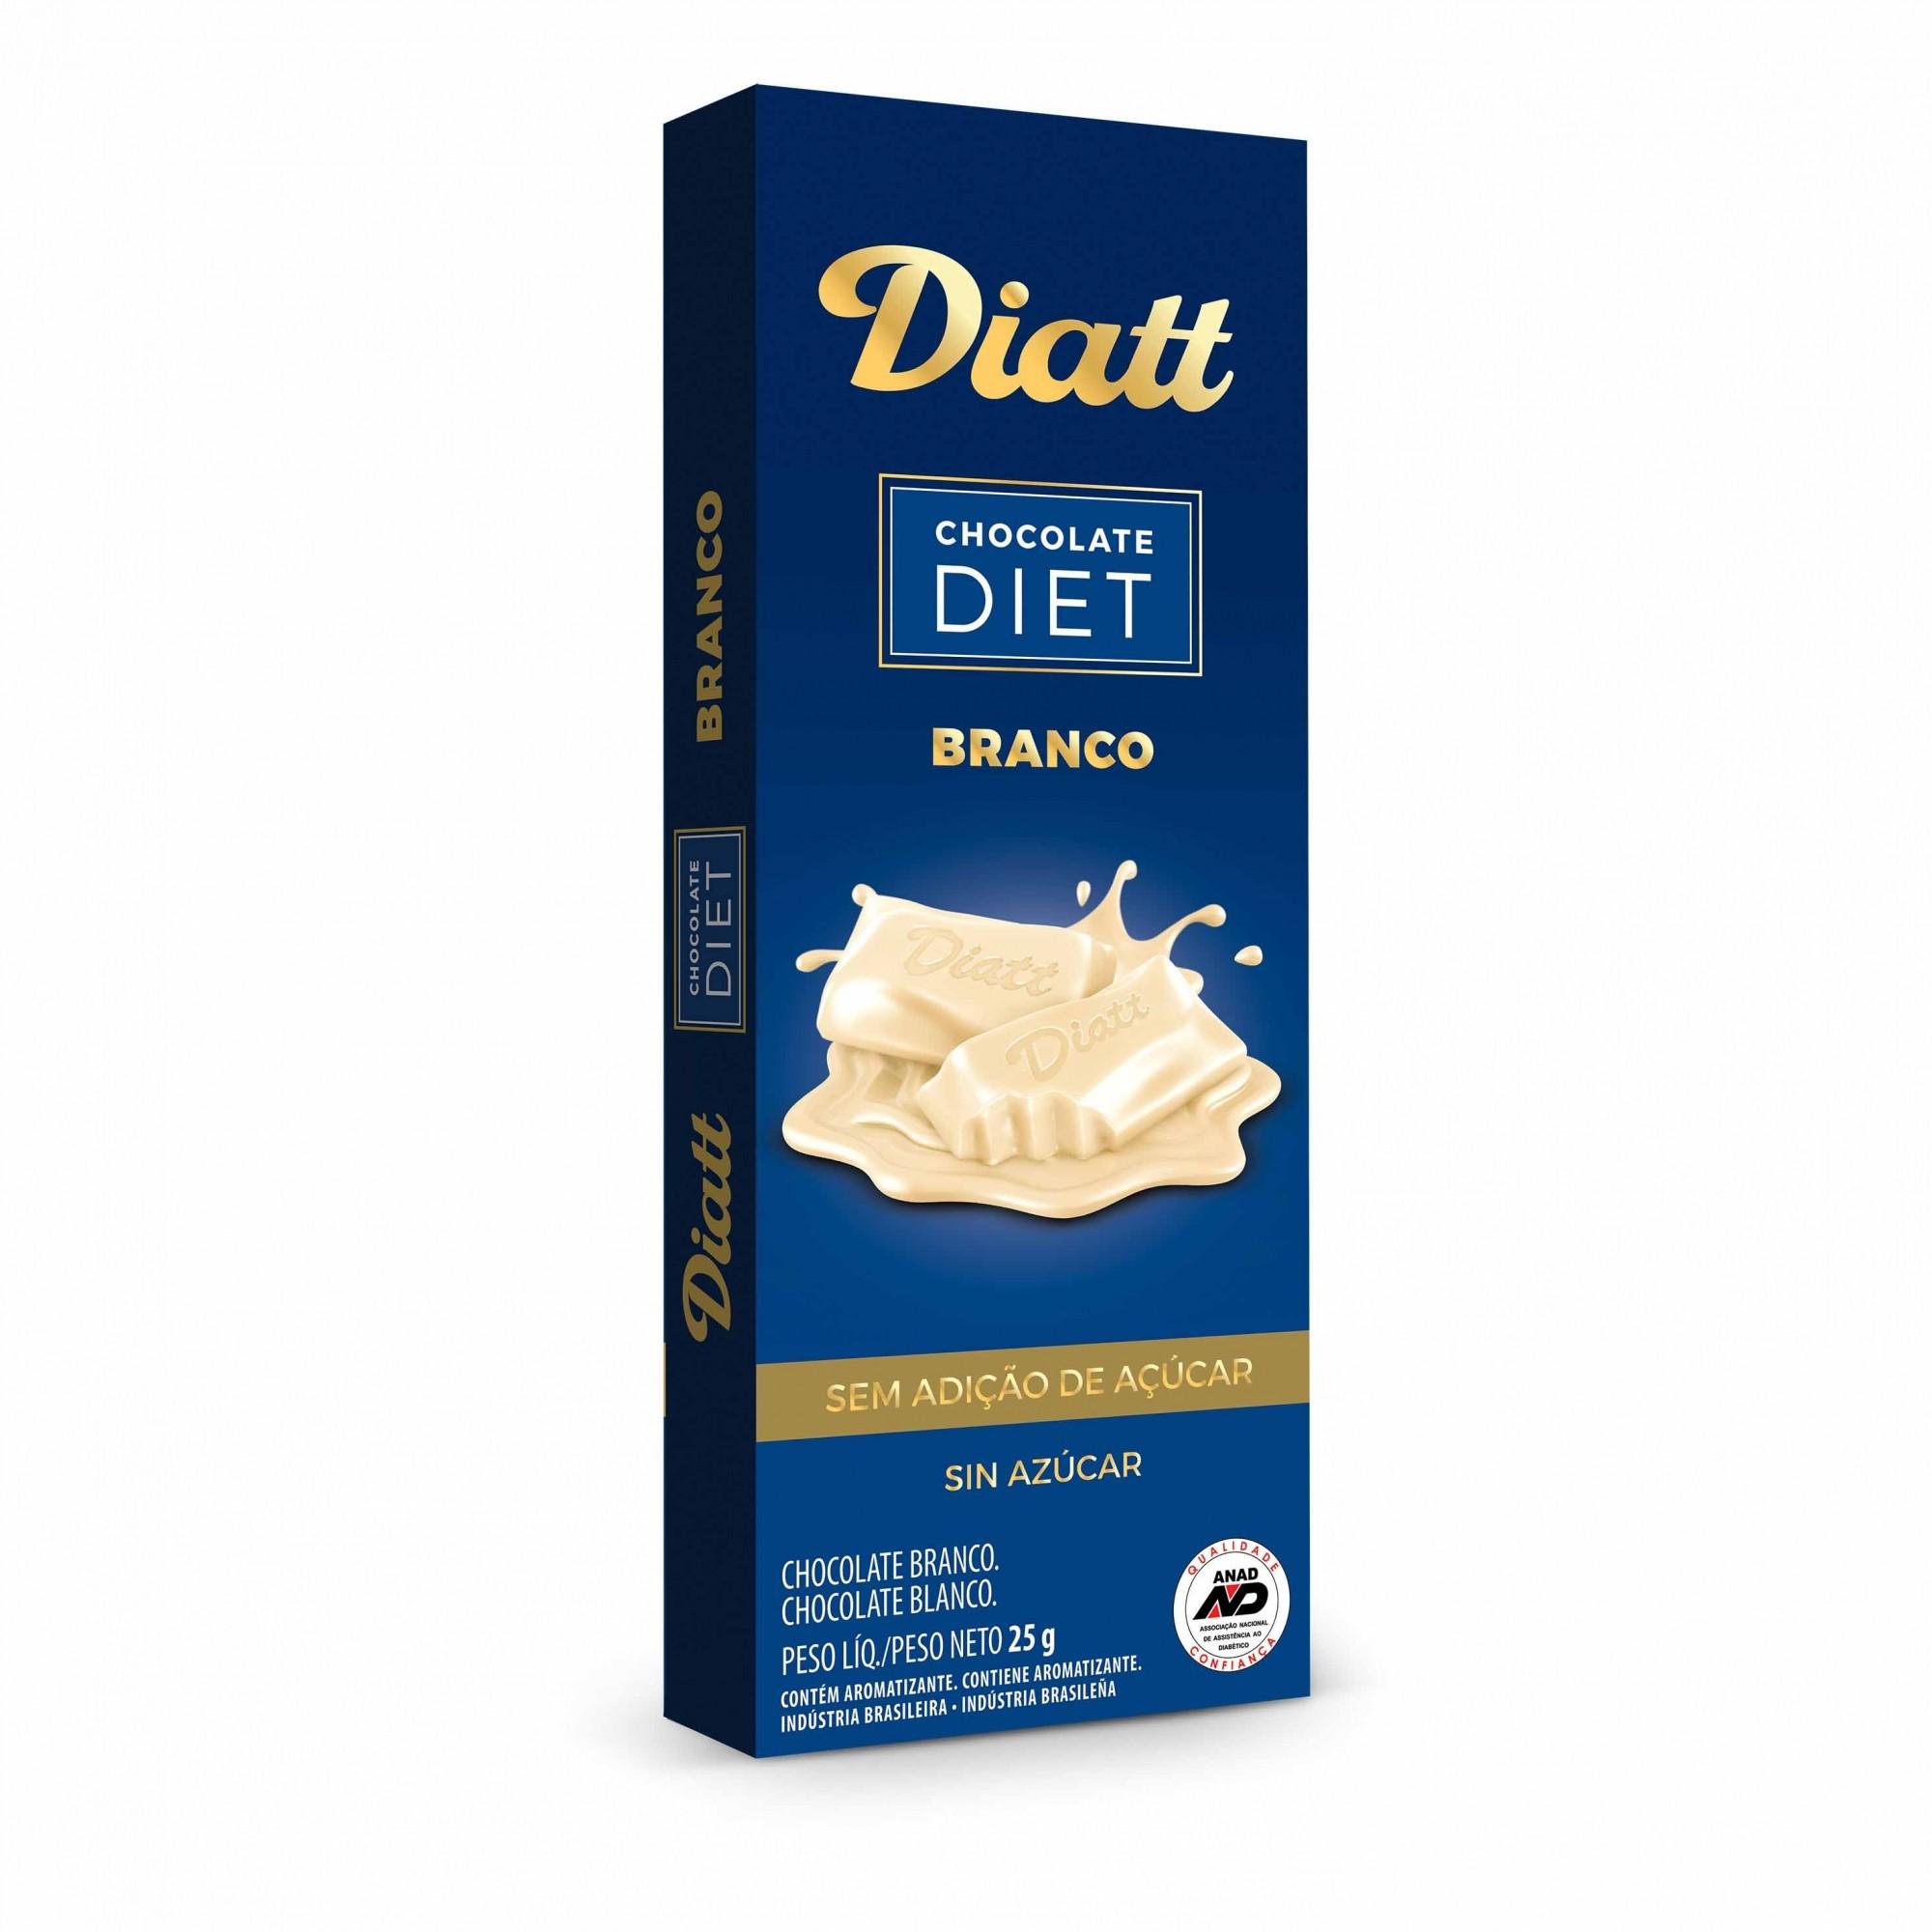 Chocolate Diet Branco Sem Adição de Açúcar 20g - Diatt